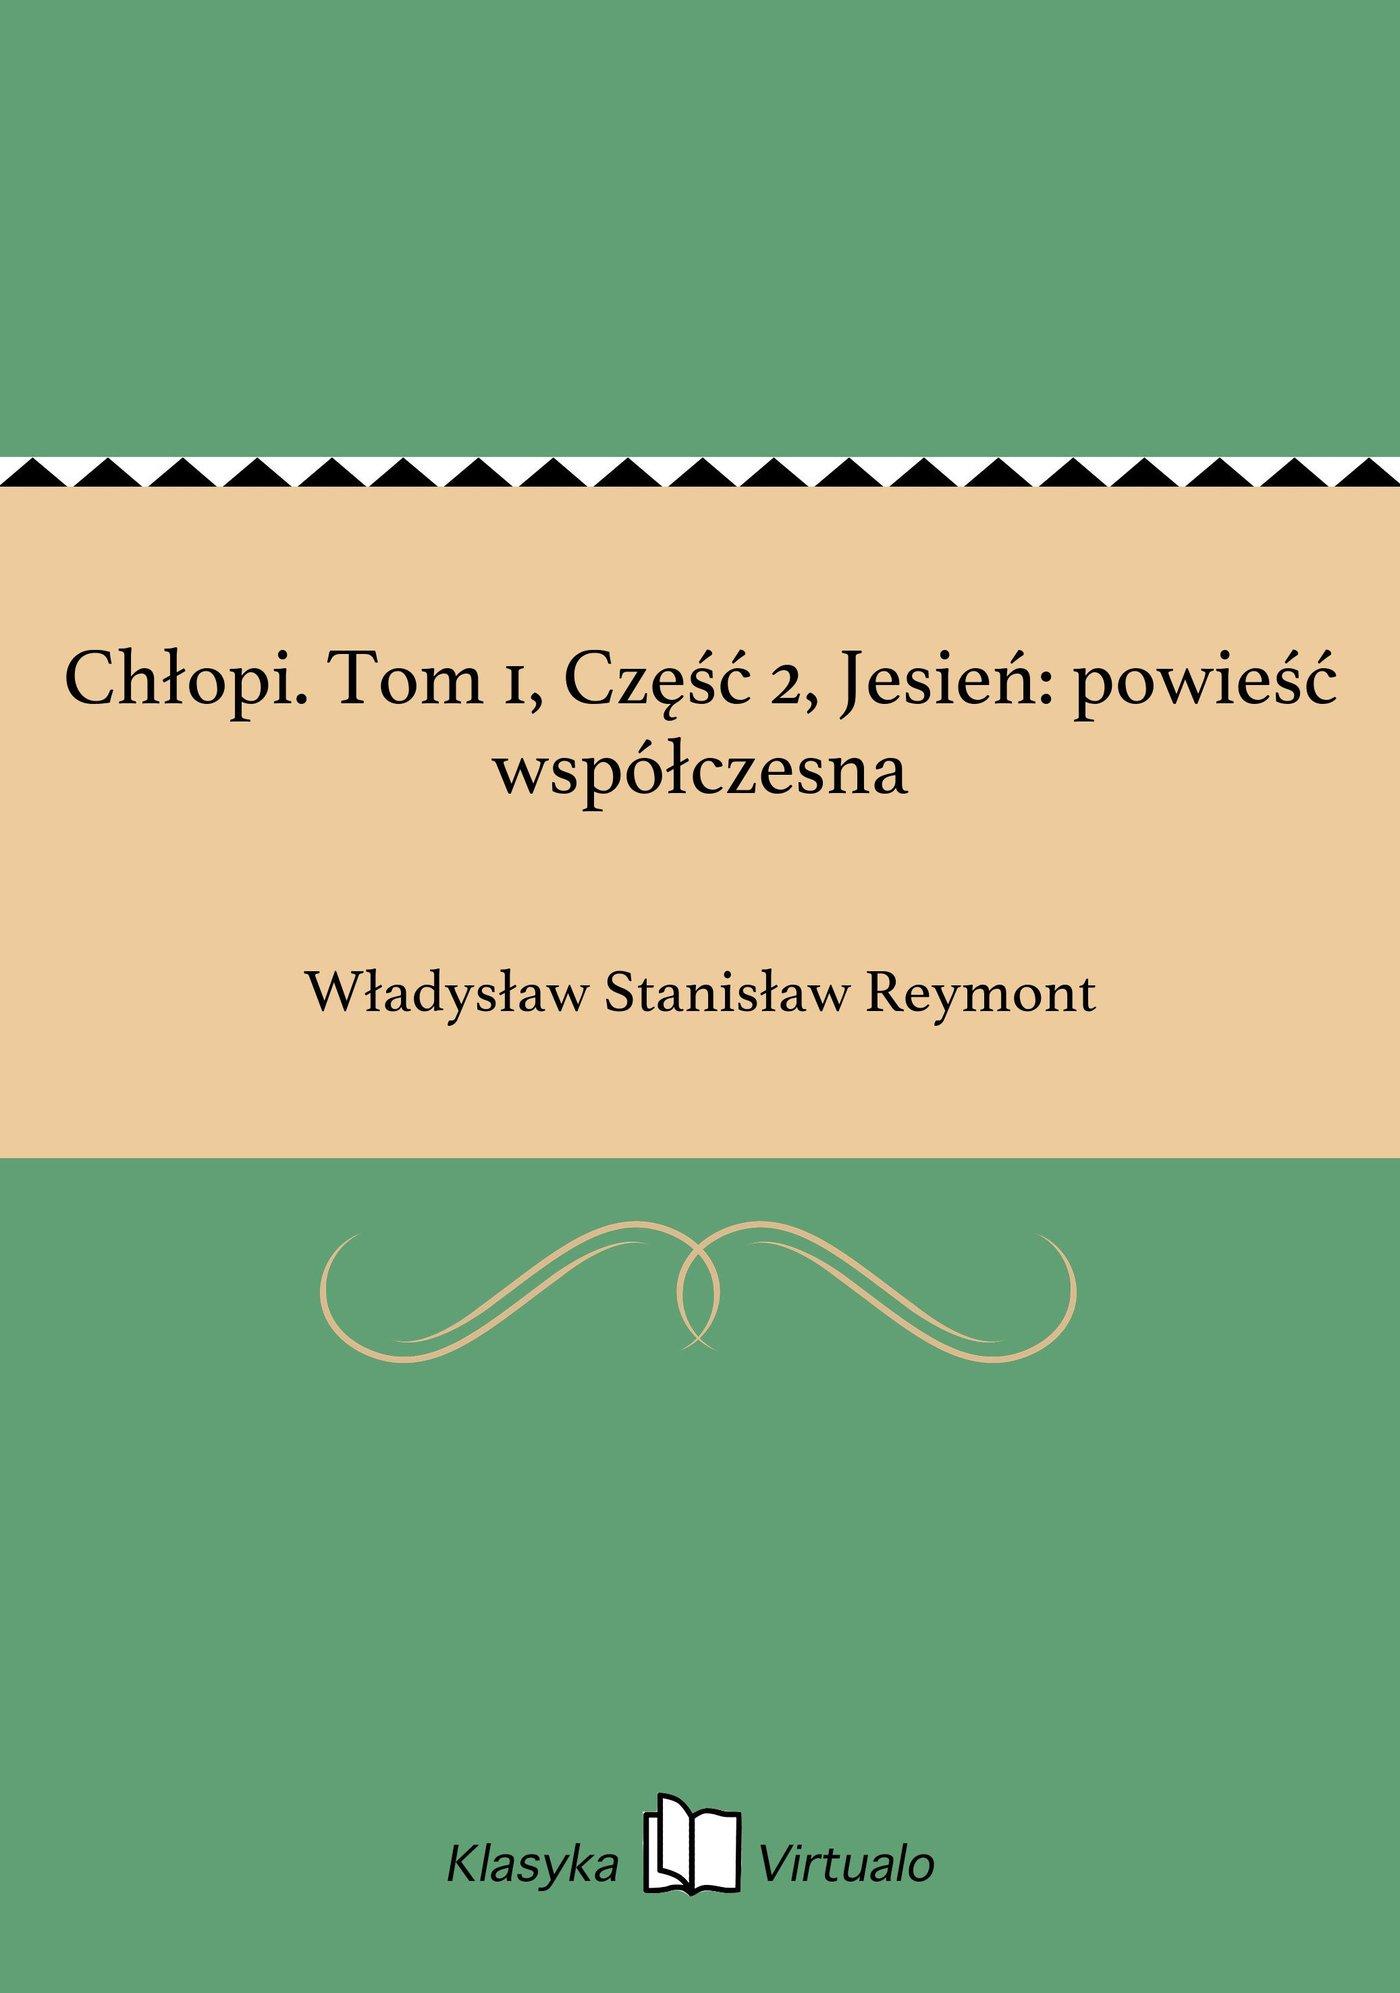 Chłopi. Tom 1, Część 2, Jesień: powieść współczesna - Ebook (Książka EPUB) do pobrania w formacie EPUB